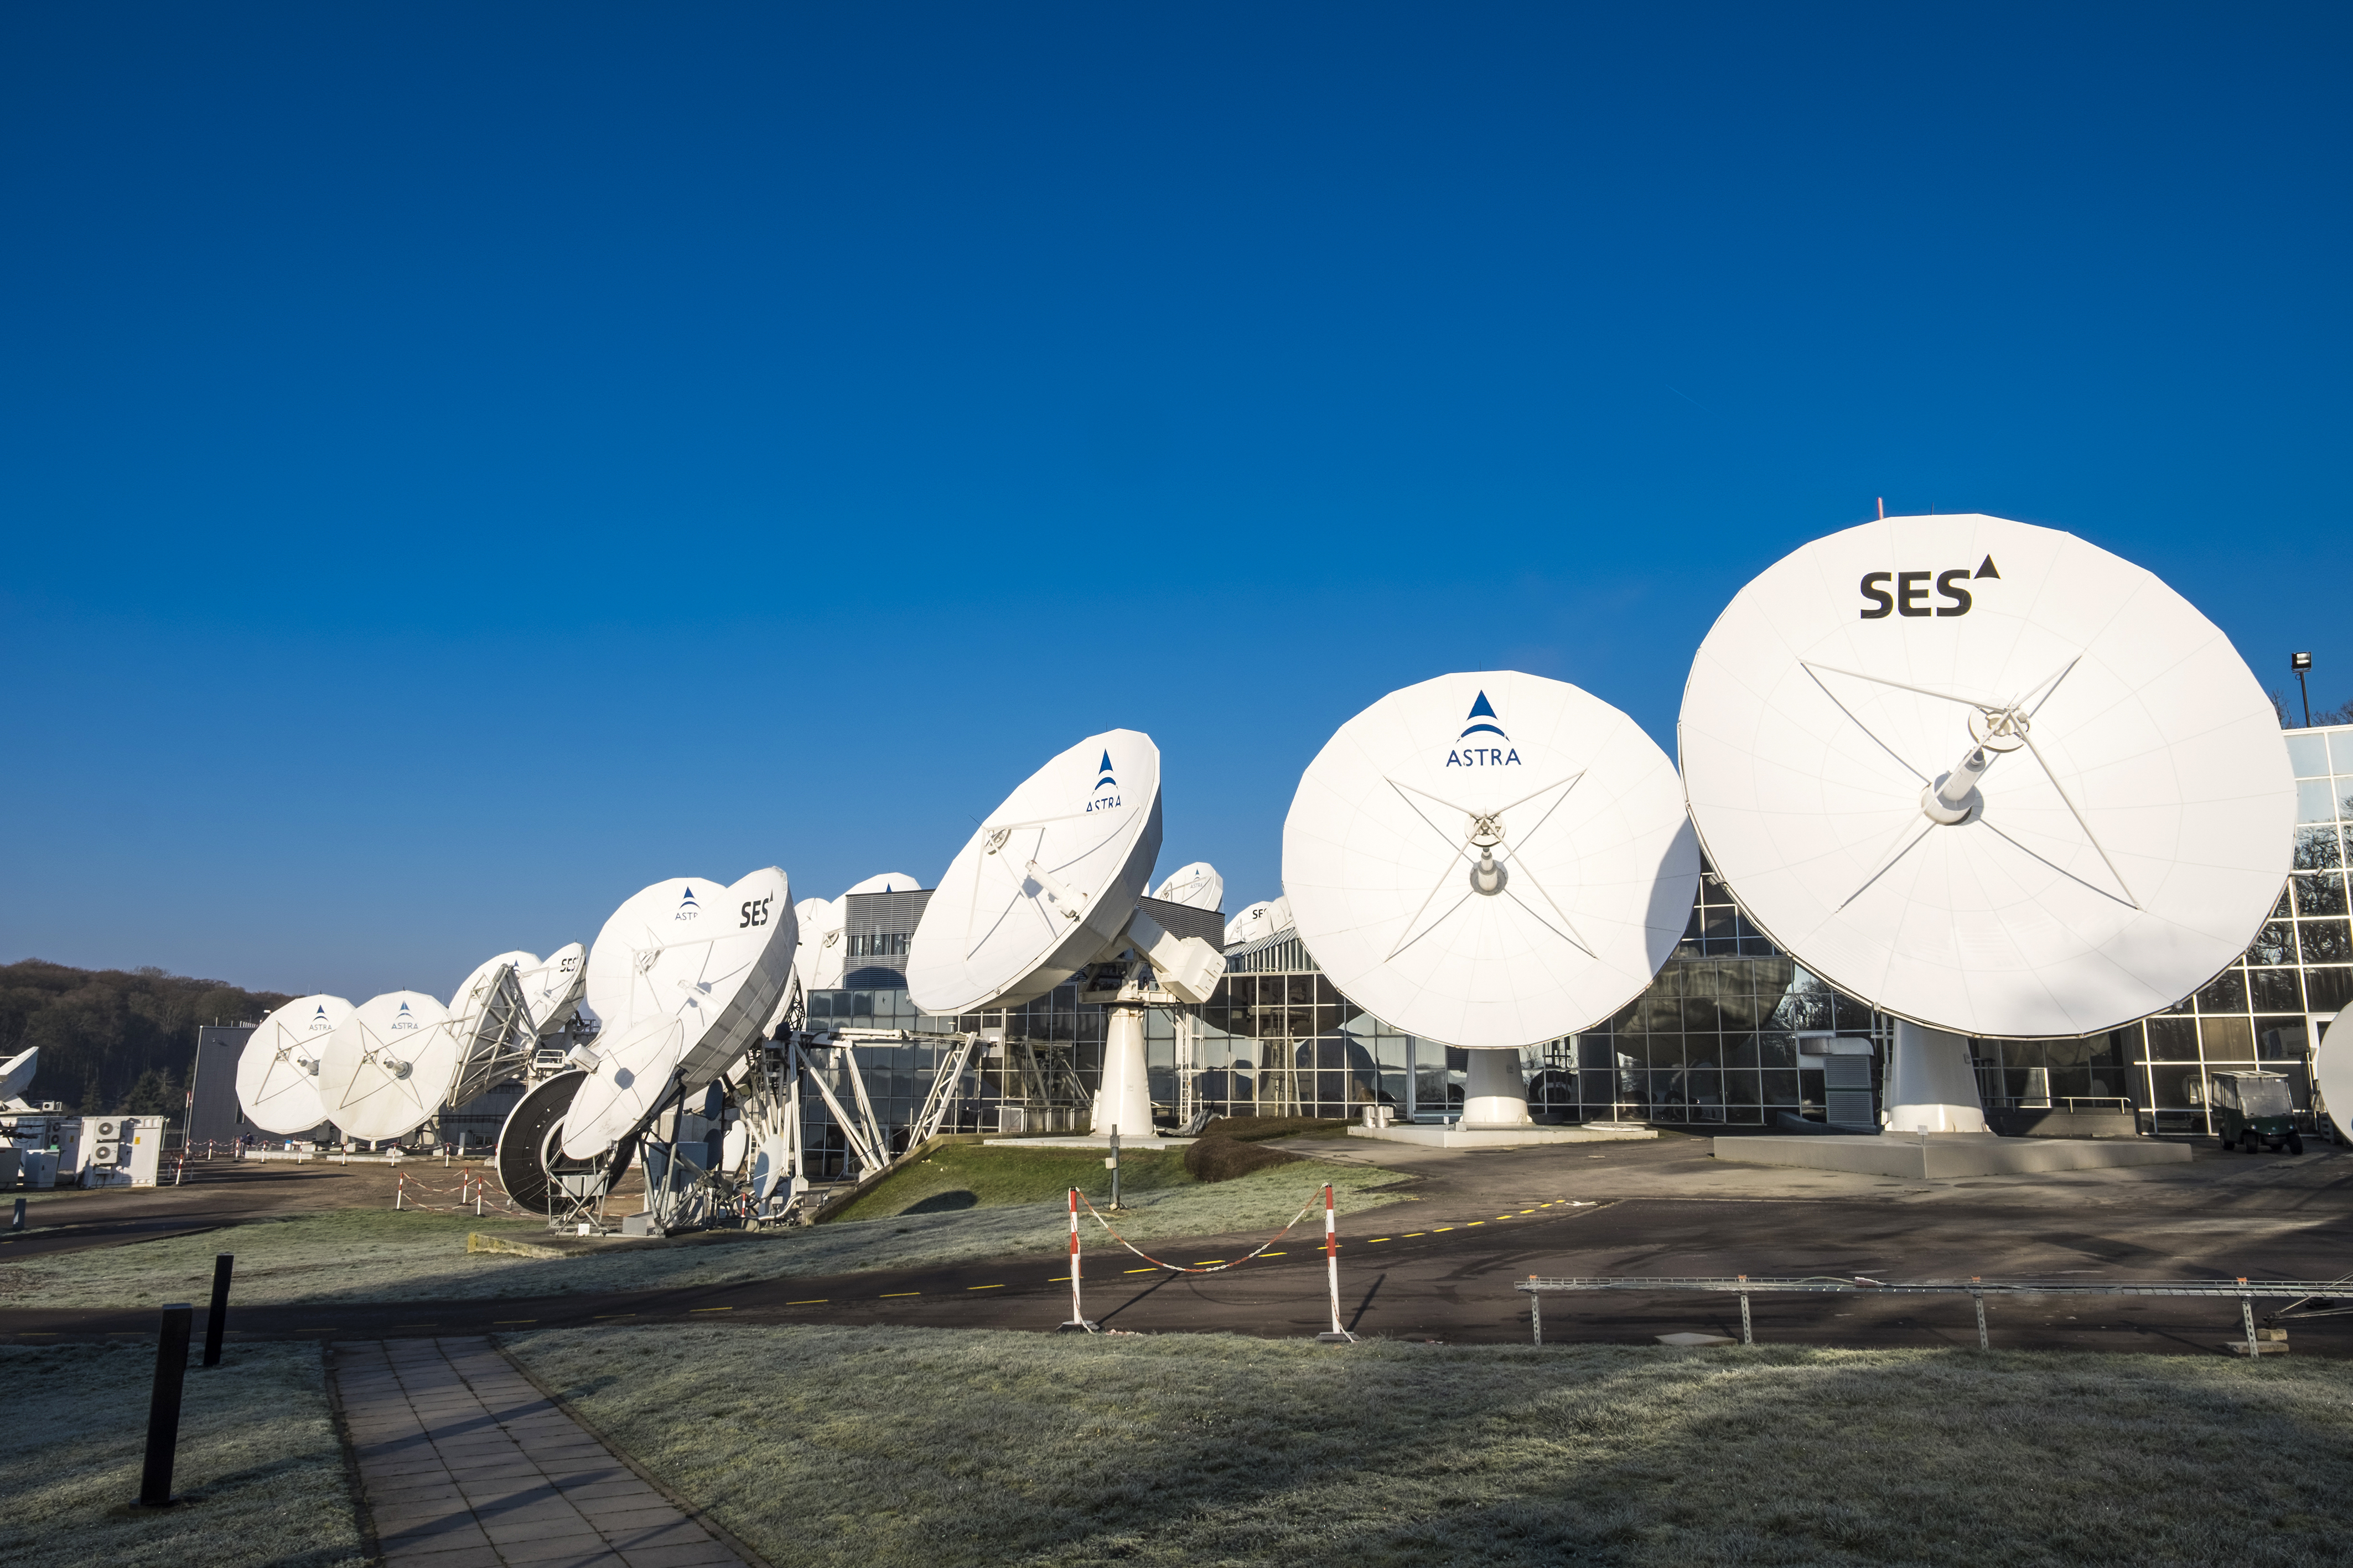 SES astra antennas